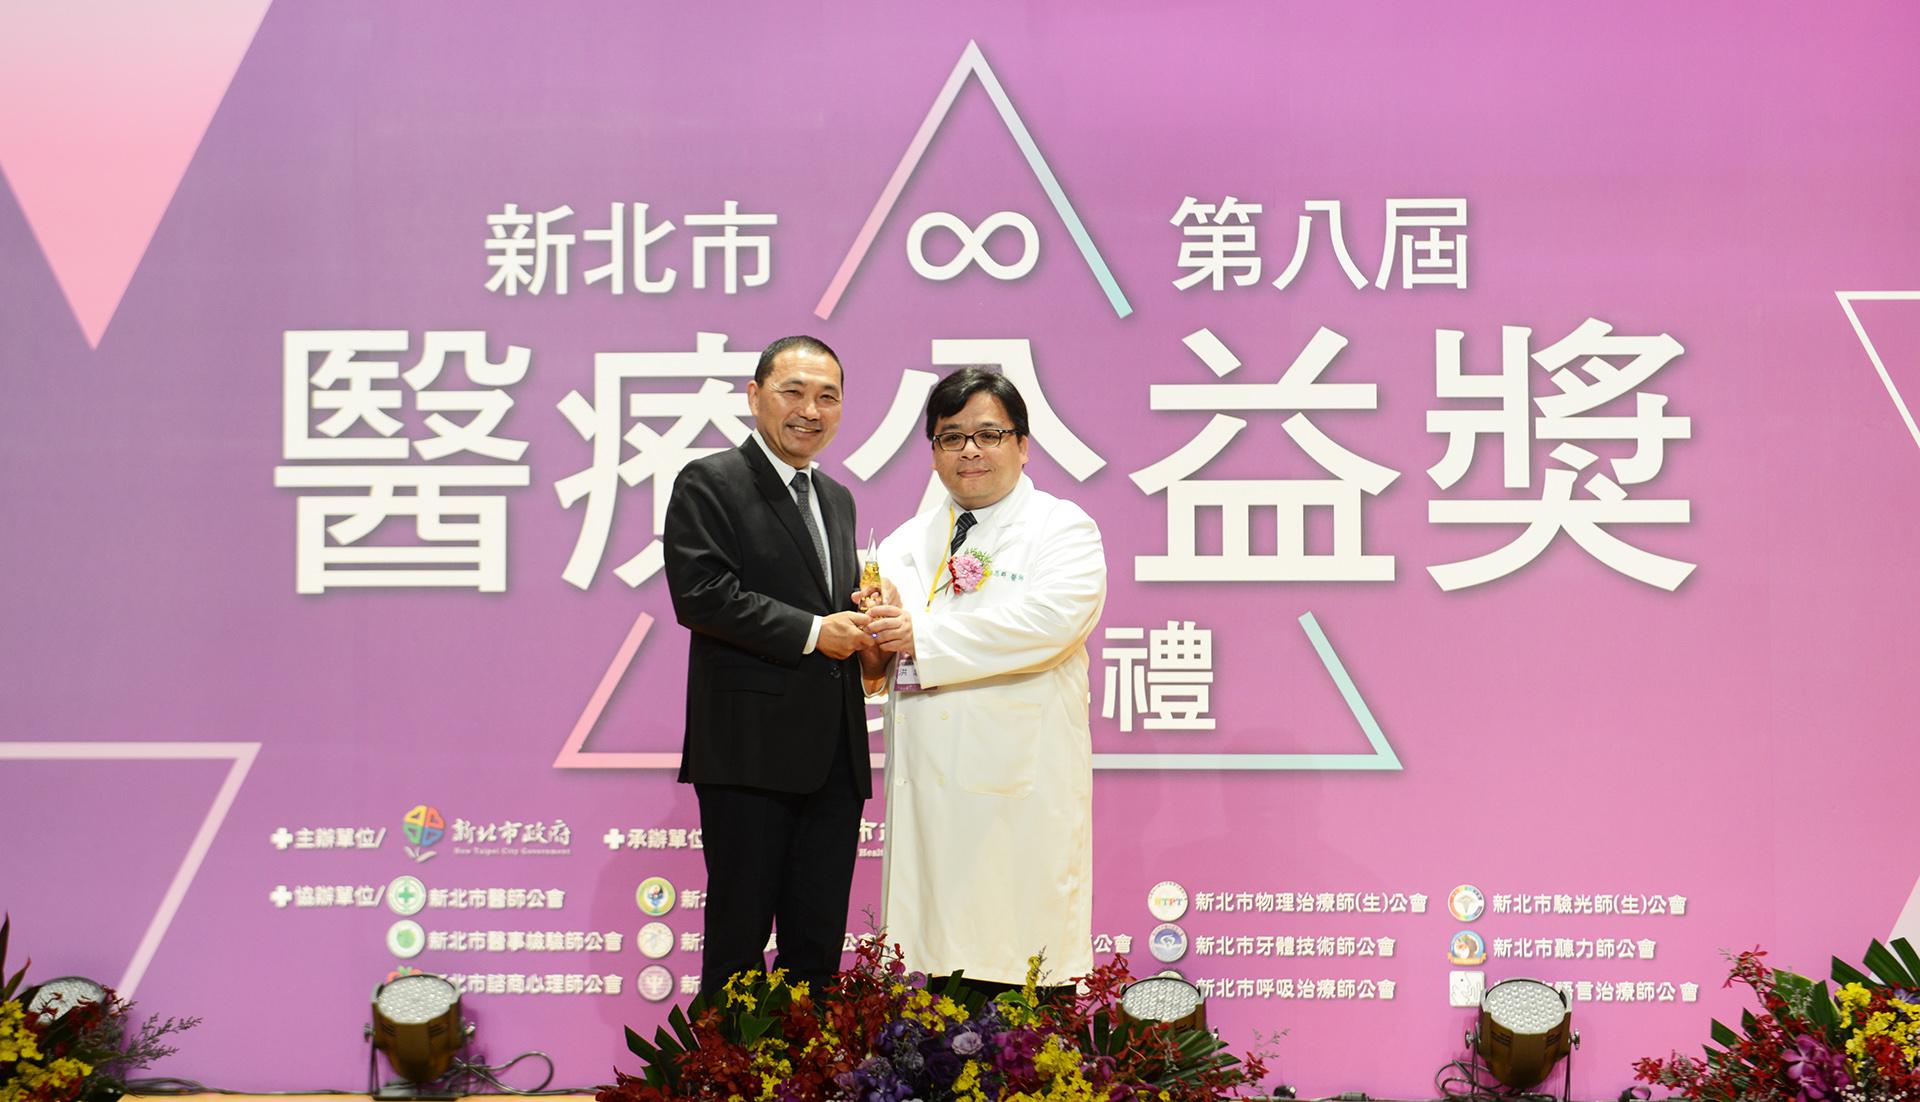 台北慈濟醫院內科部洪思群主任榮獲第八屆新北市醫療公益獎「醫療教育研究獎」。